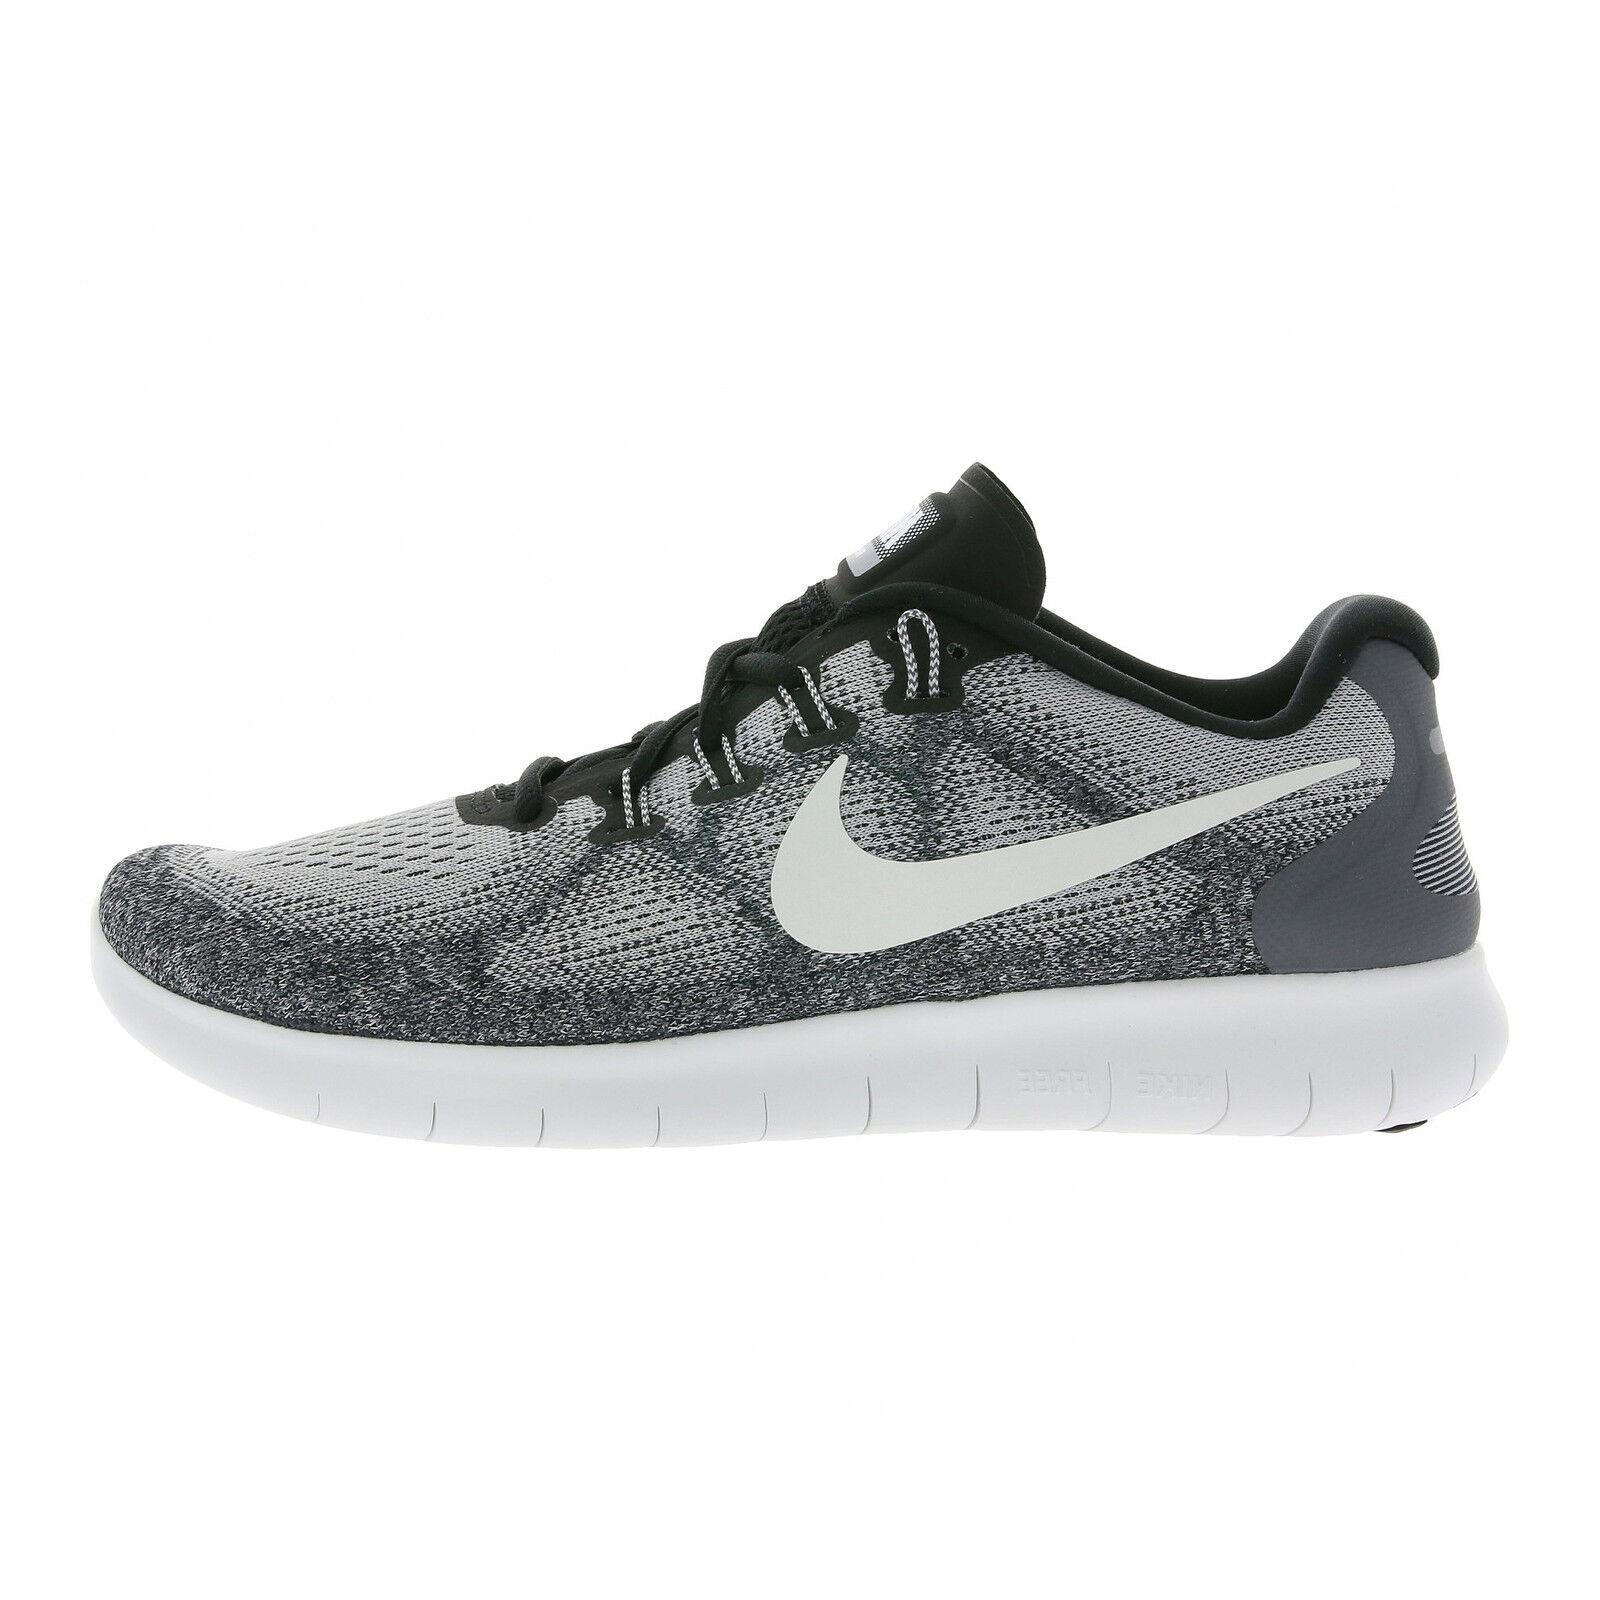 Nike Free RN 2017 880839-002 Lauschuh Sportschuh Sneaker Freizeit